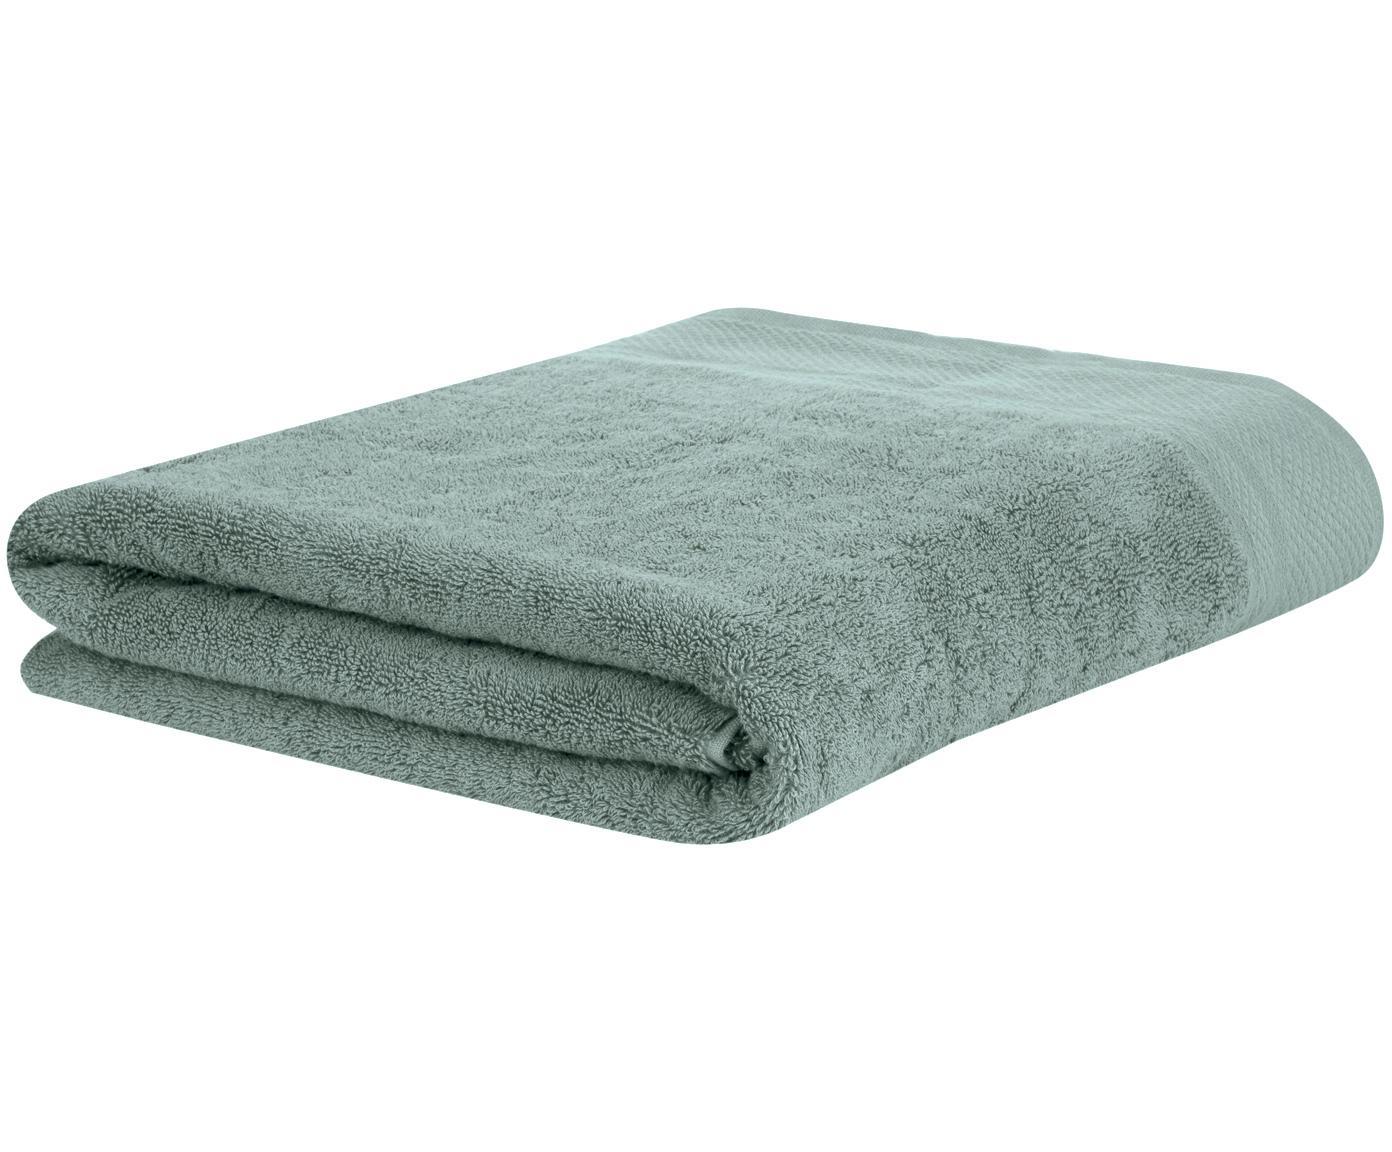 Ręcznik Premium, Szałwiowy zielony, Ręcznik dla gości XS